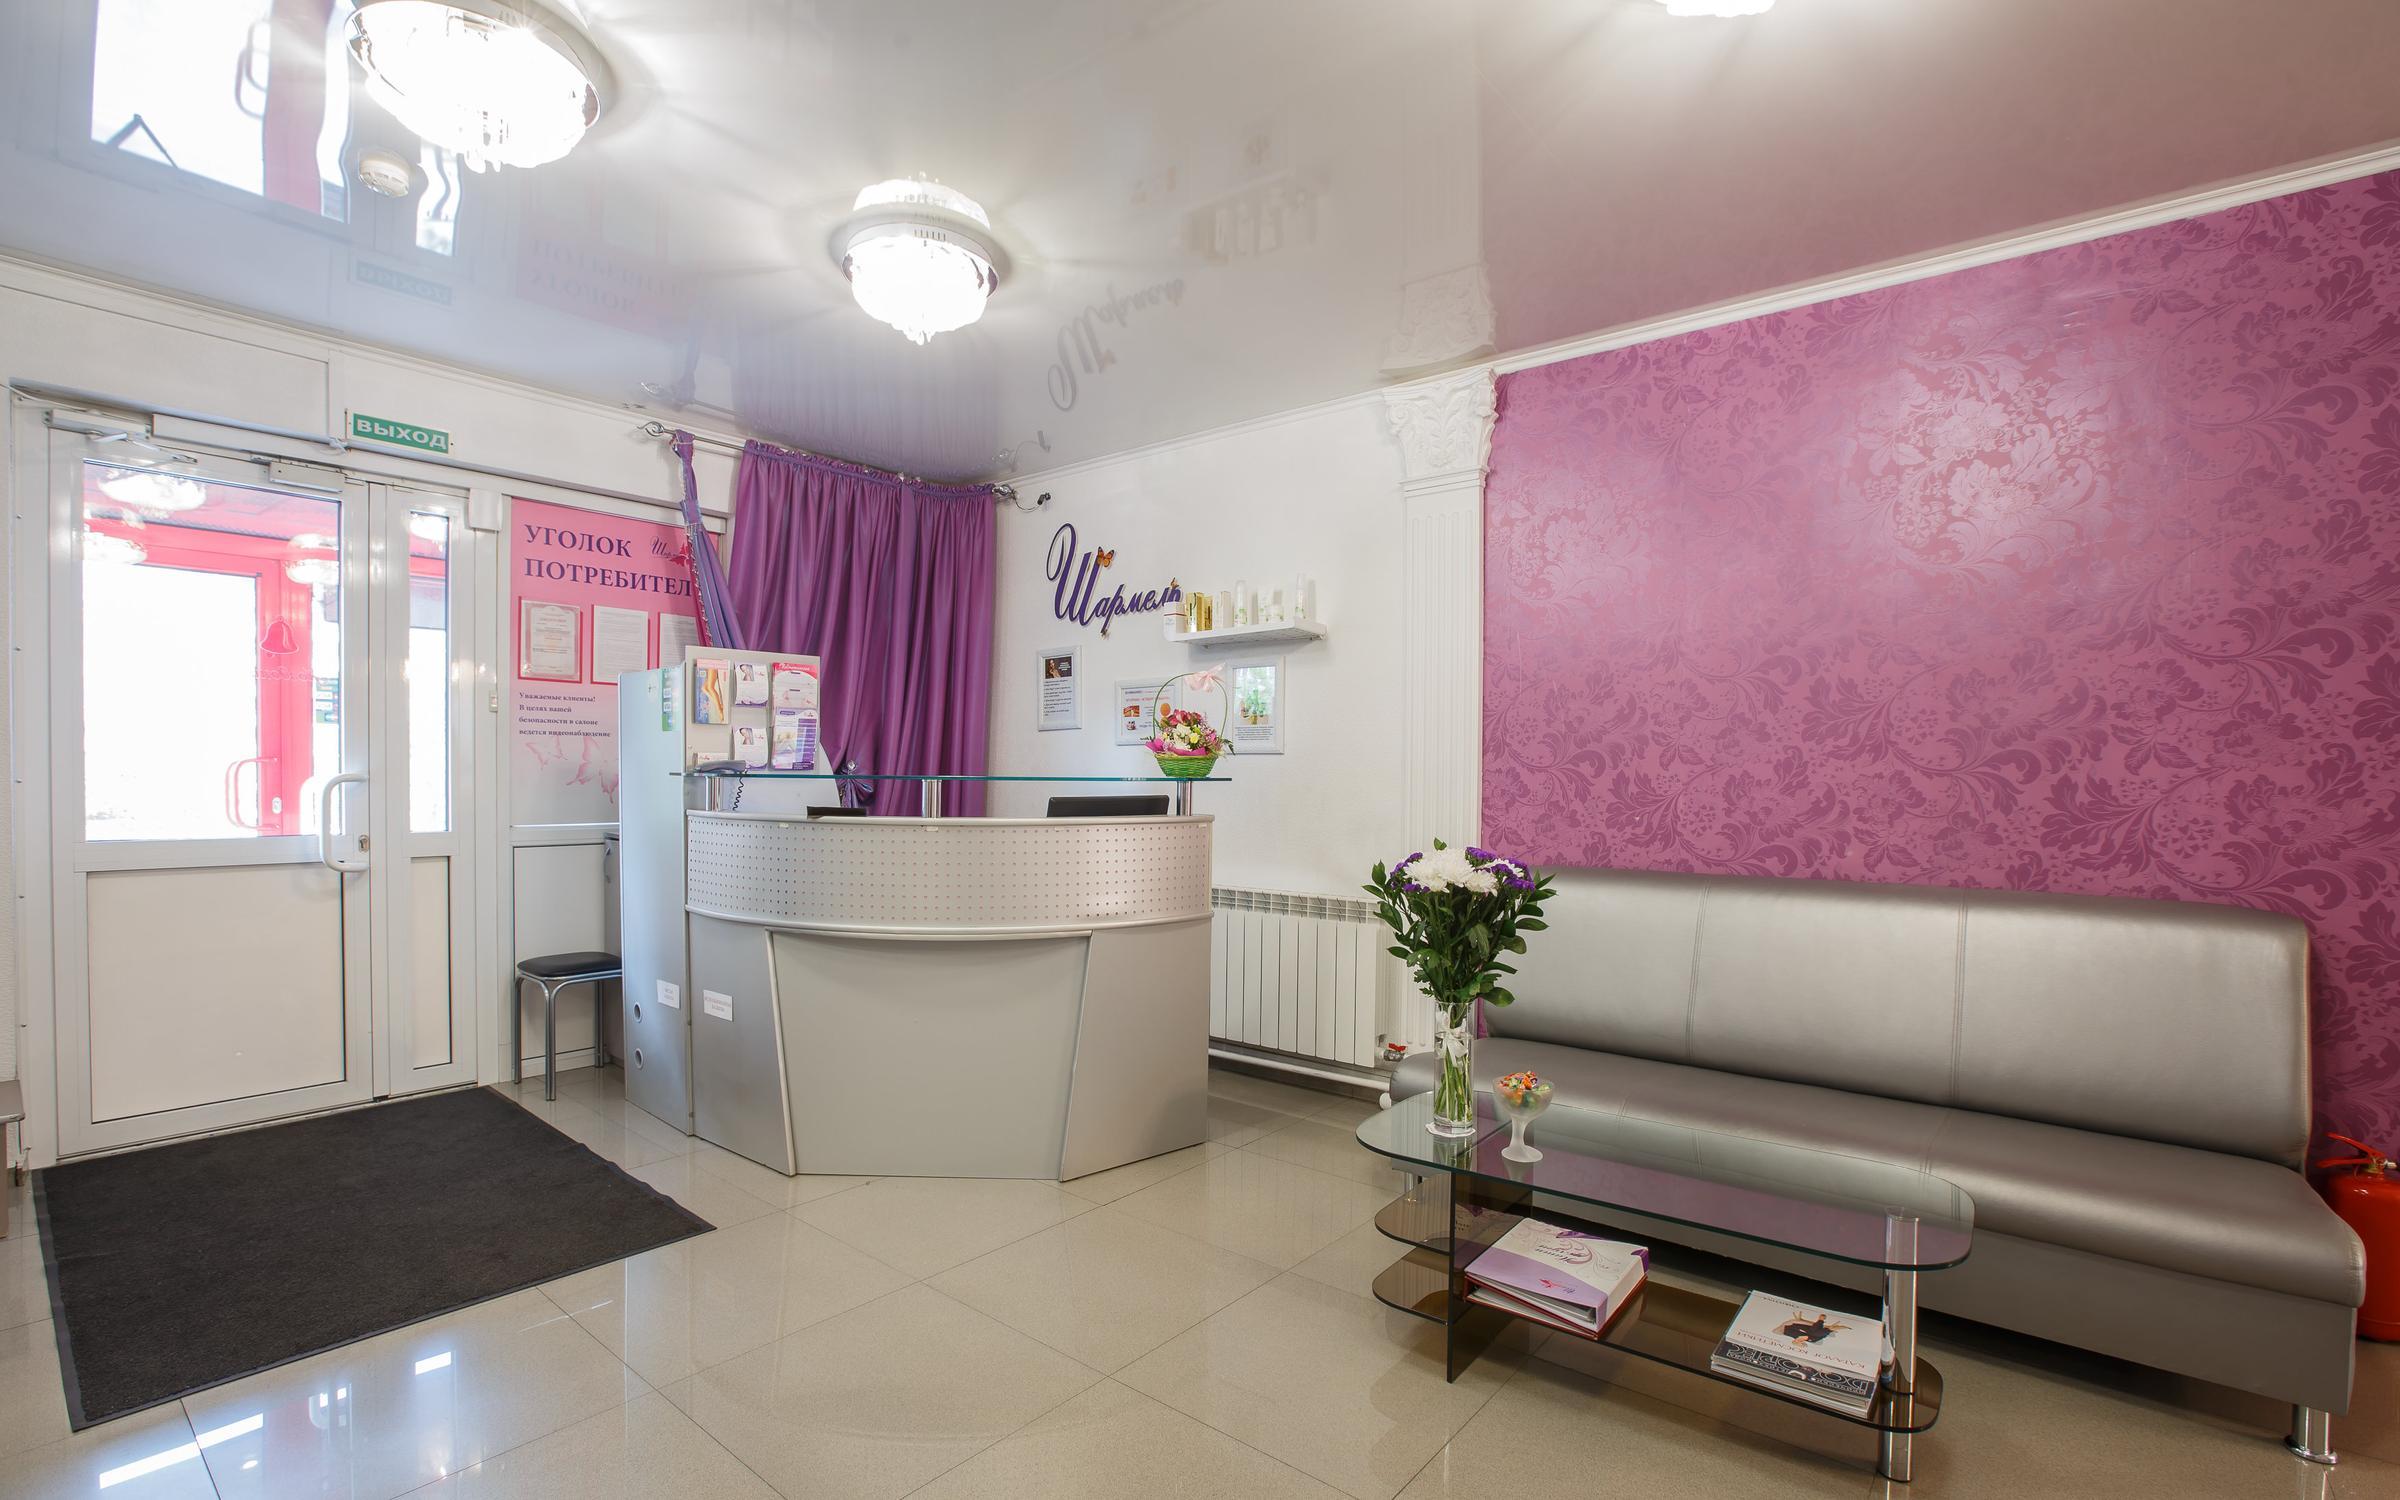 фотография Медико-косметологический центр красоты Шармель на улице Алексеева, 25